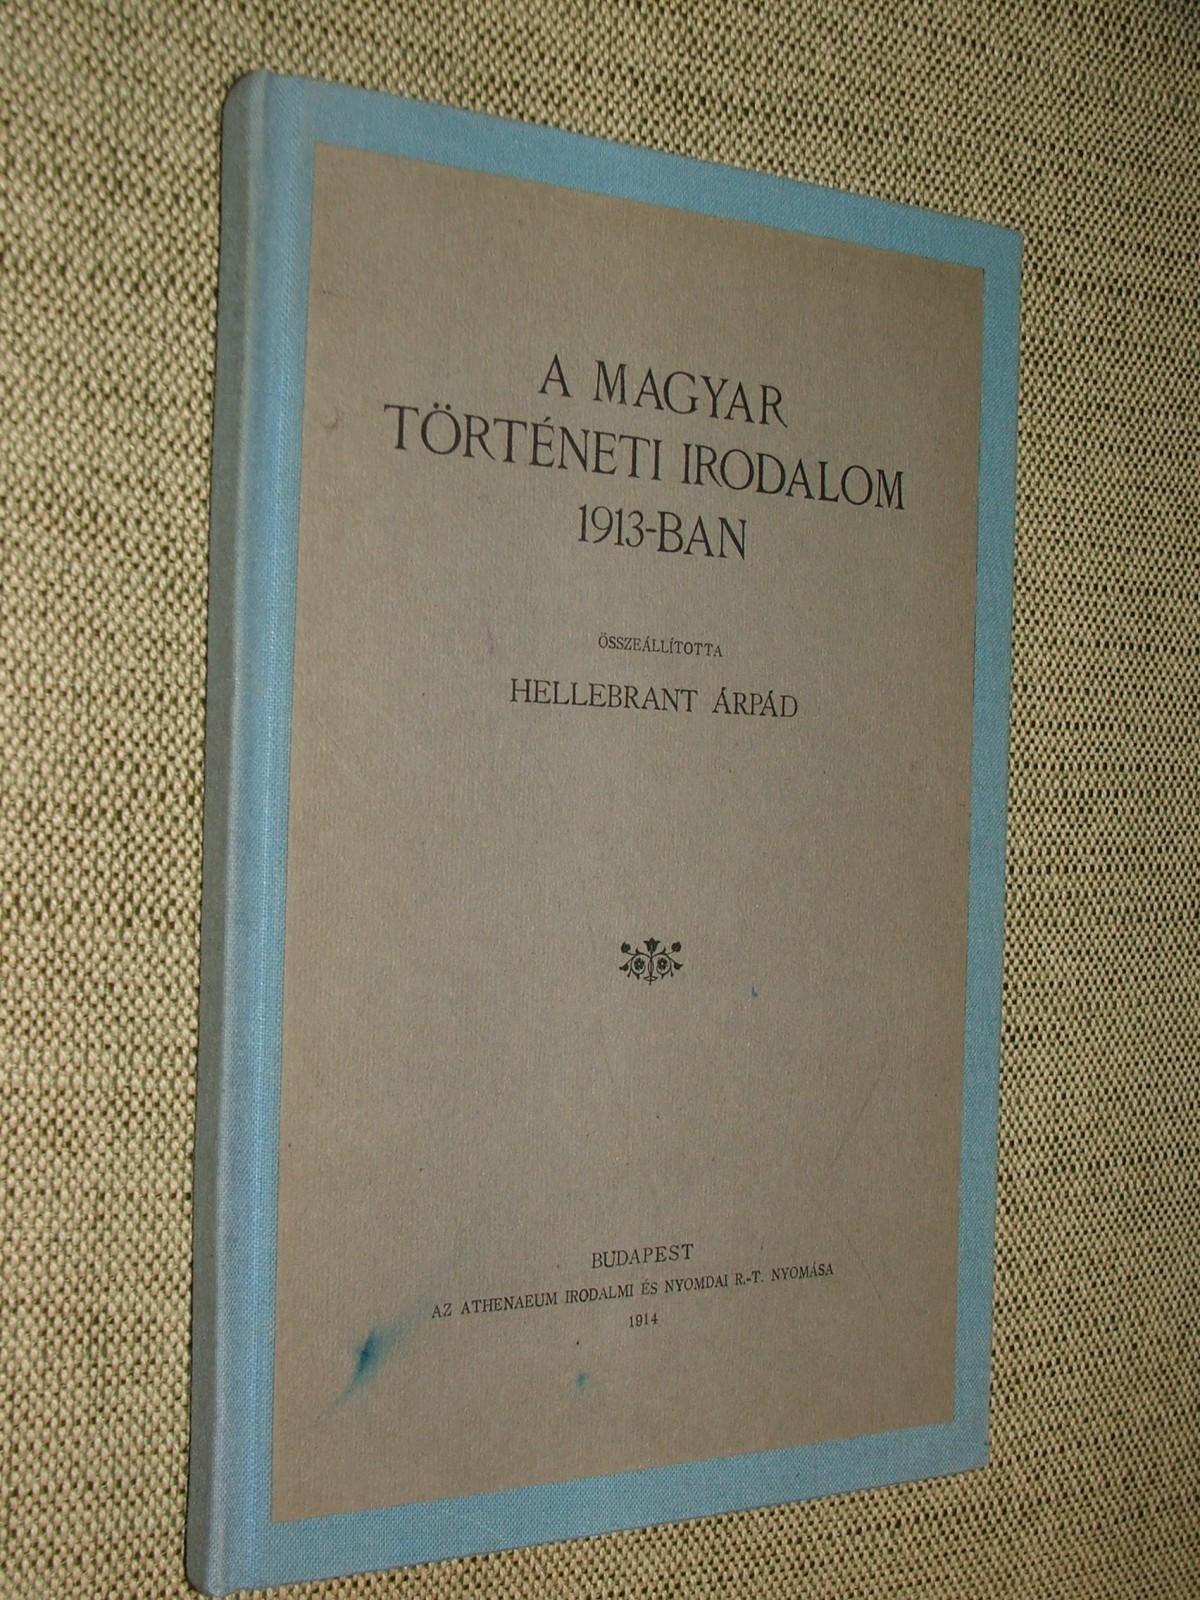 HELLEBRANT Árpád: A magyar történeti irodalom 1913-ban